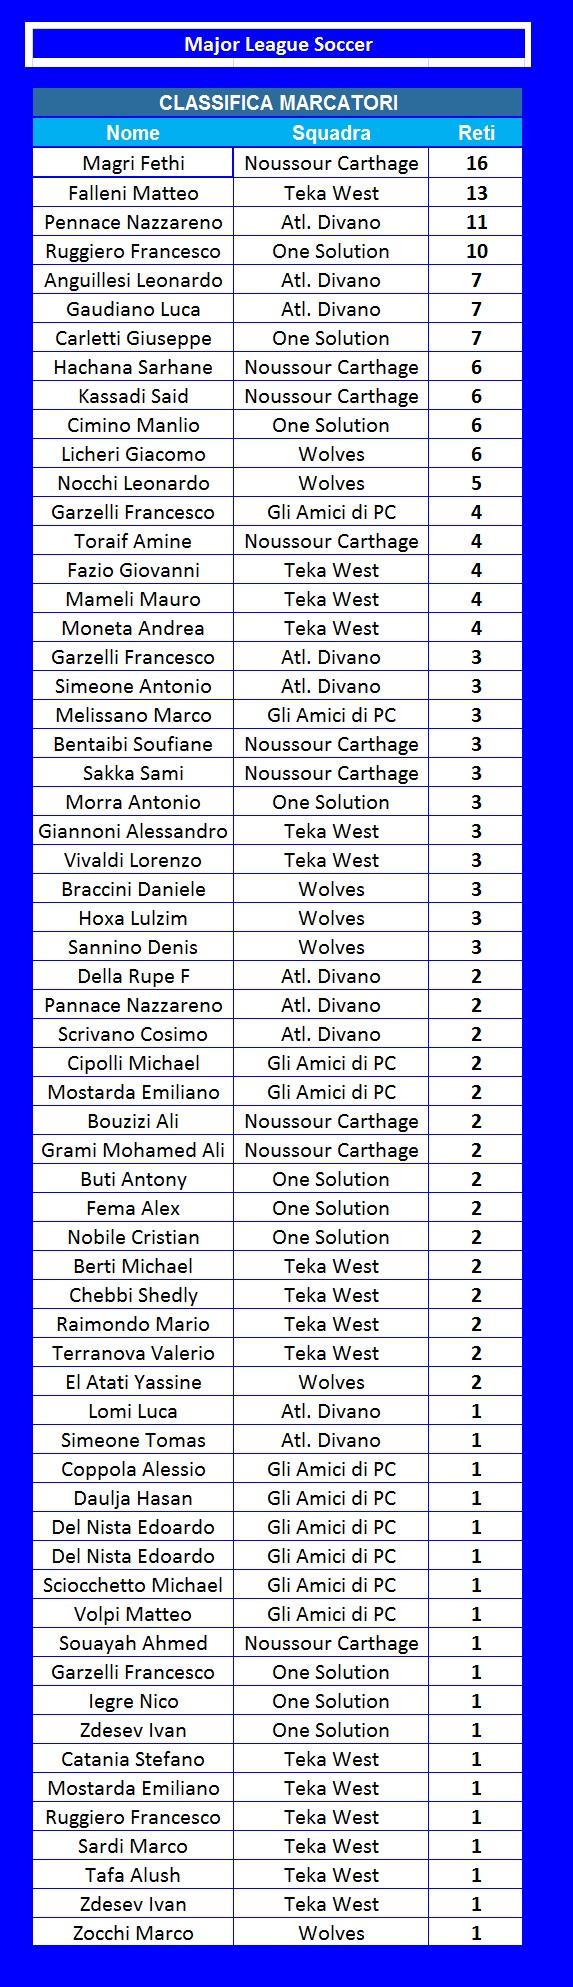 Classifiche Calcio Pdf